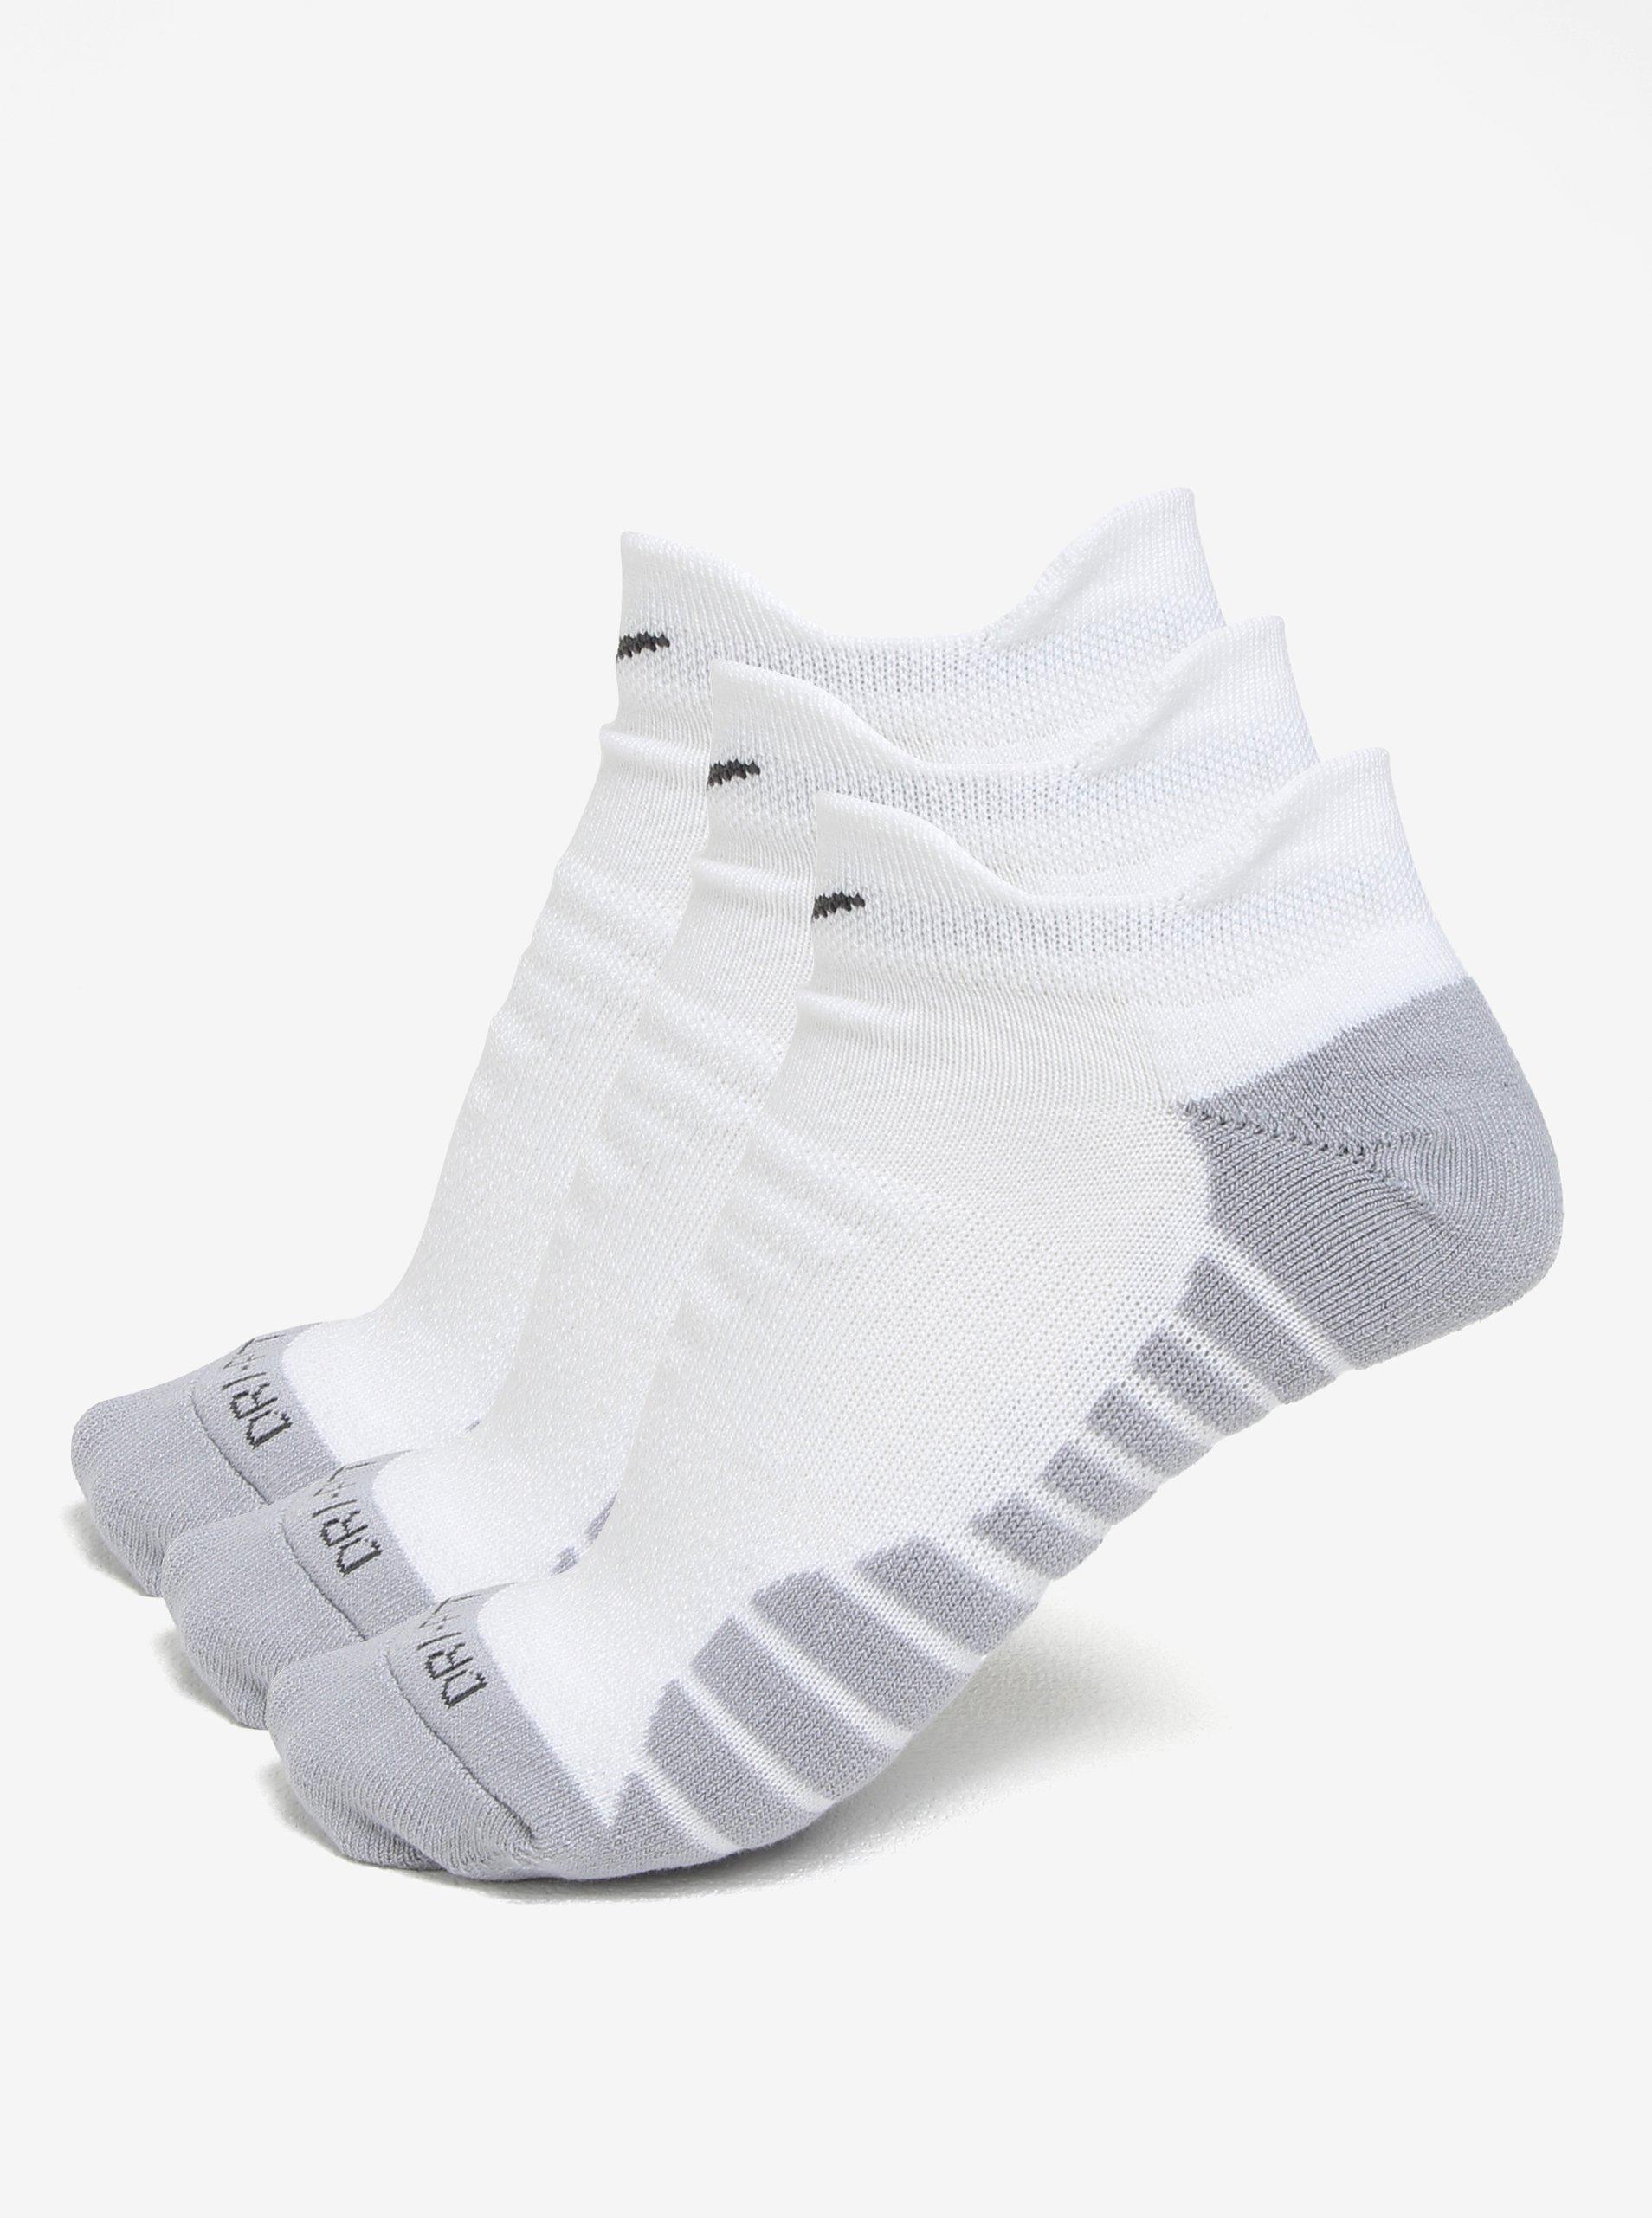 Sada tří párů dámských ponožek v šedo-bílé barvě Nike Dry Cushion Low